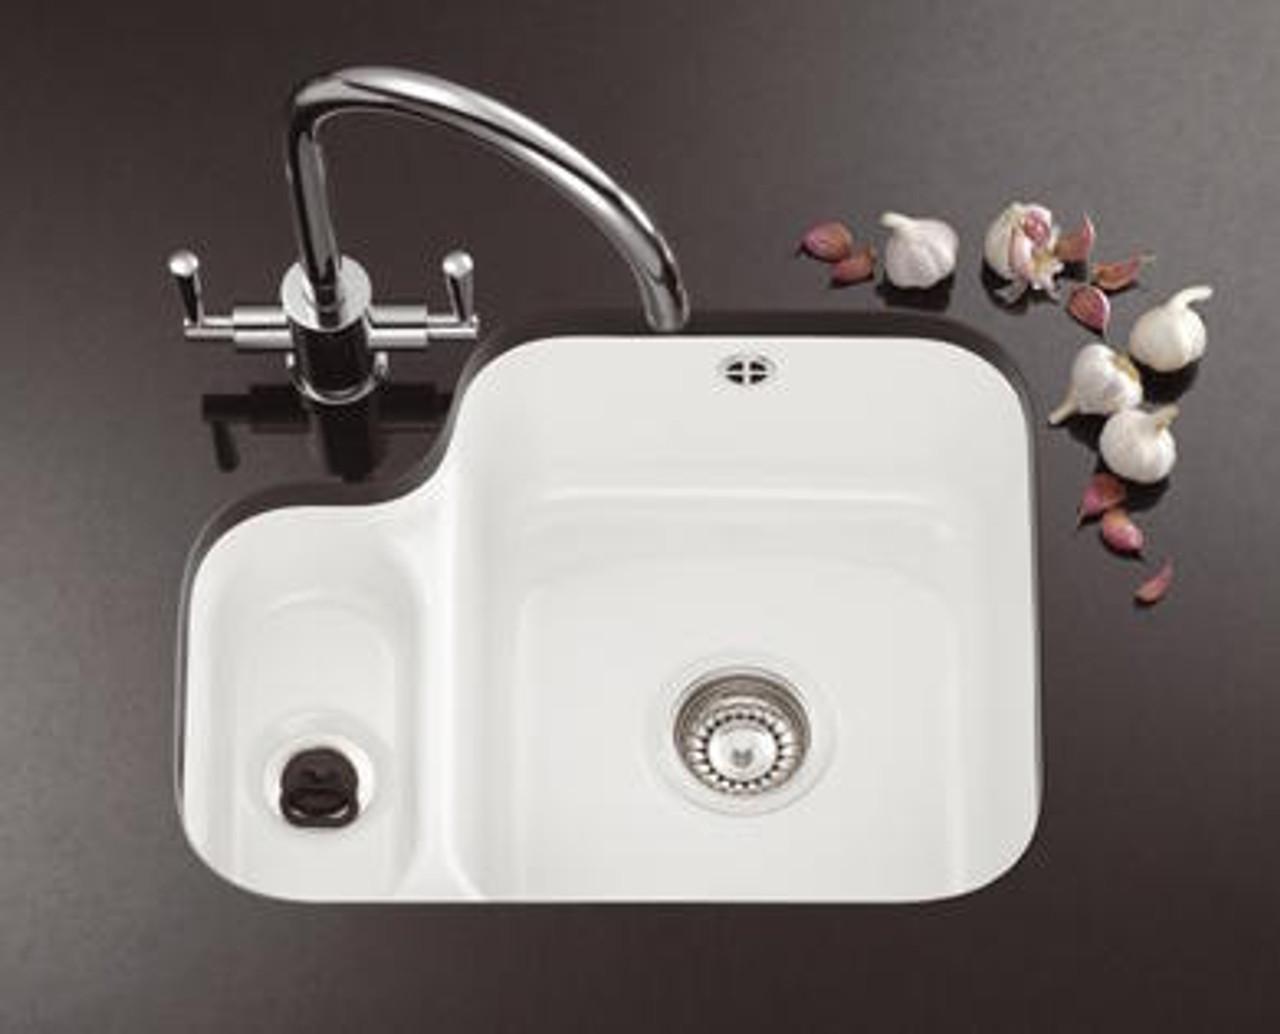 Strange Franke Vbk160 Ceramic White Kitchen Sink Beutiful Home Inspiration Aditmahrainfo